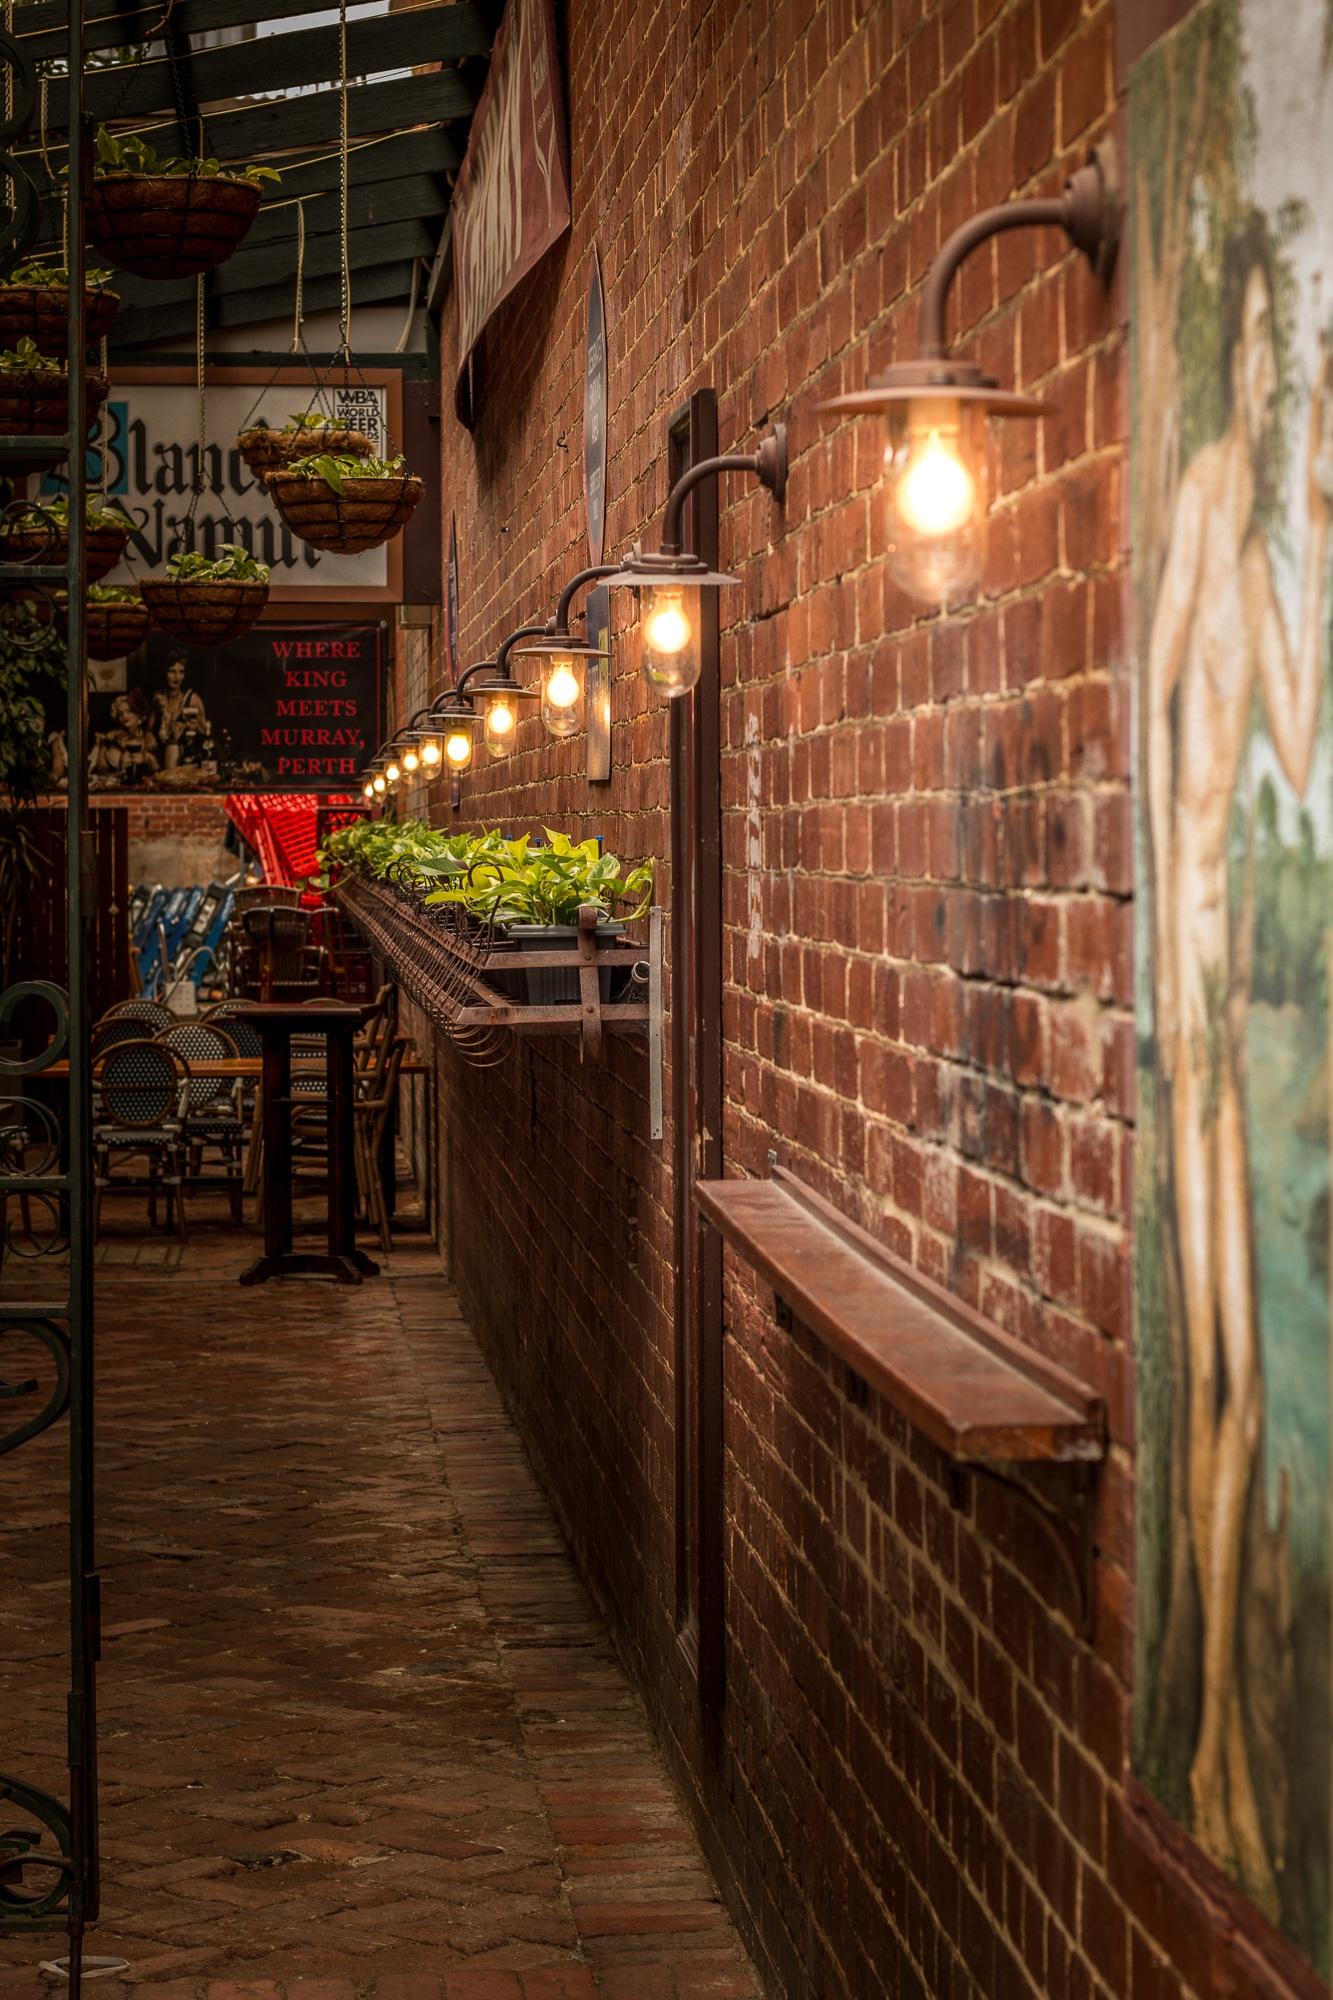 Kostenlose foto : Pfad, Holz, Nacht-, Restaurant, Gasse, städtisch ...